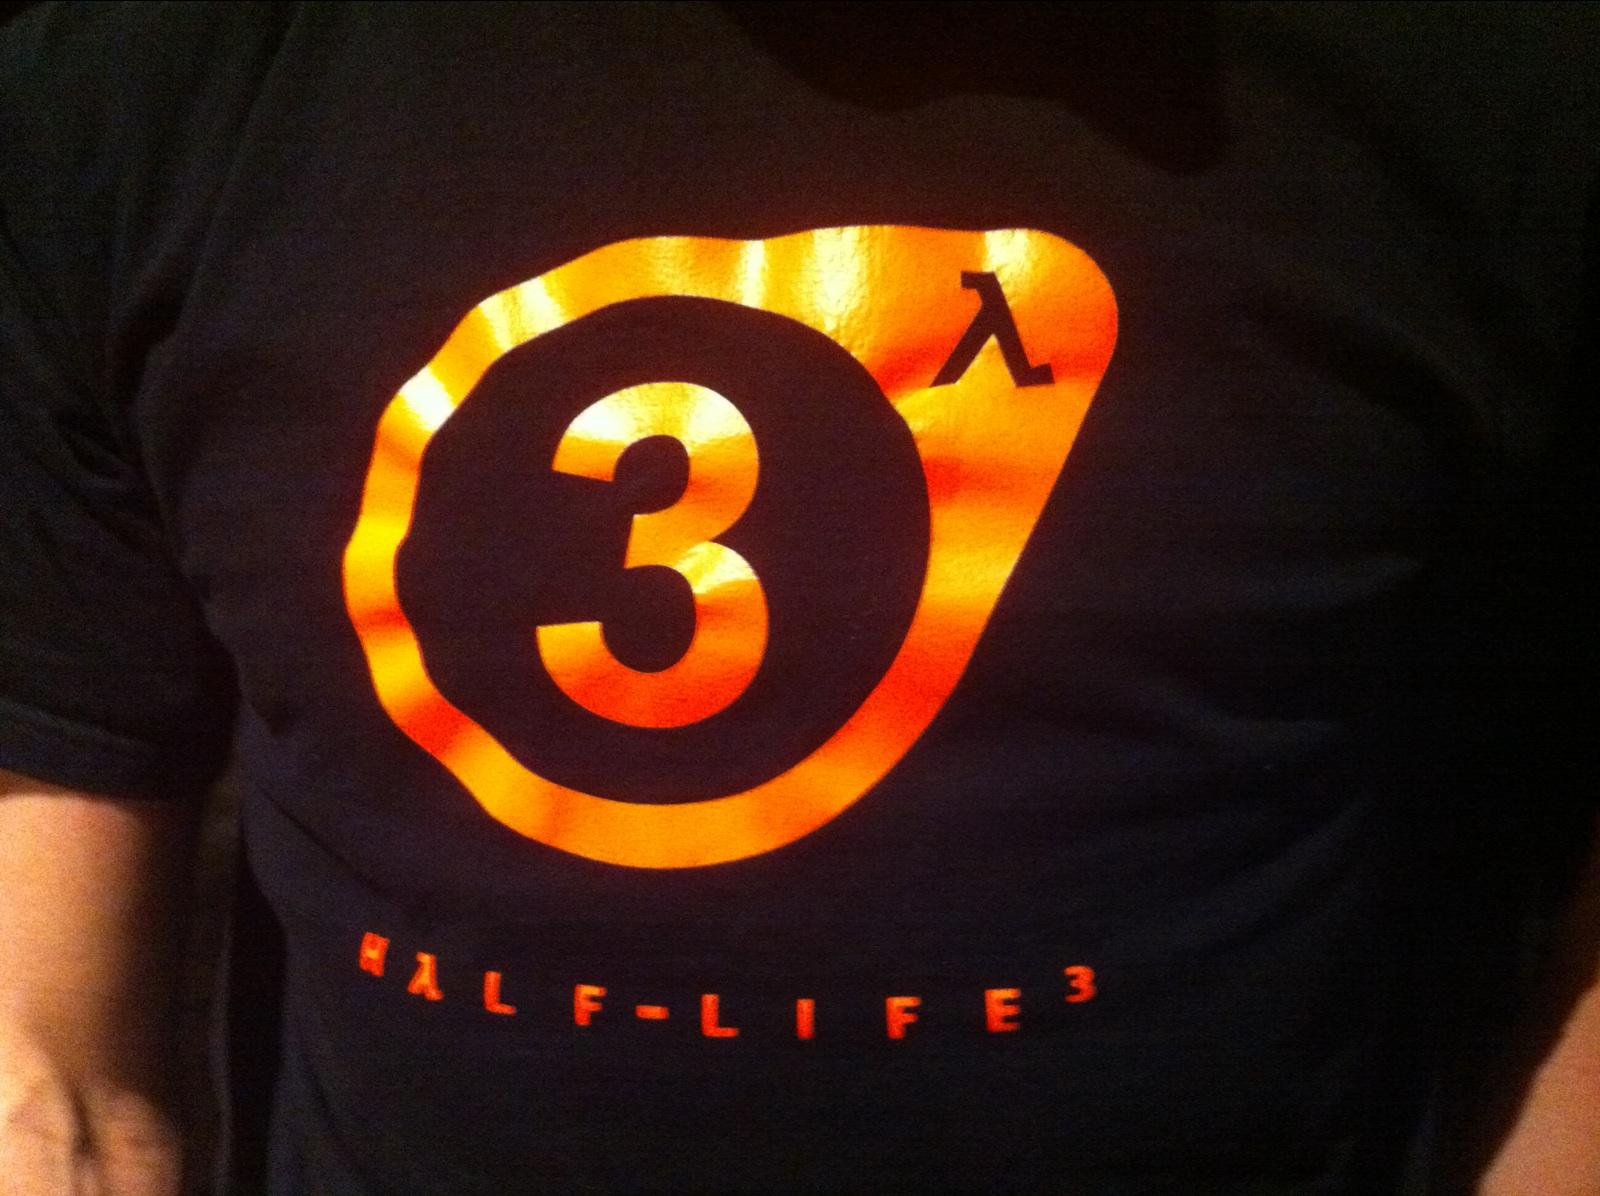 Někteří zaměstnanci Valve živili spekulace o Half-Life 3, přiznává Gabe Newell 138458